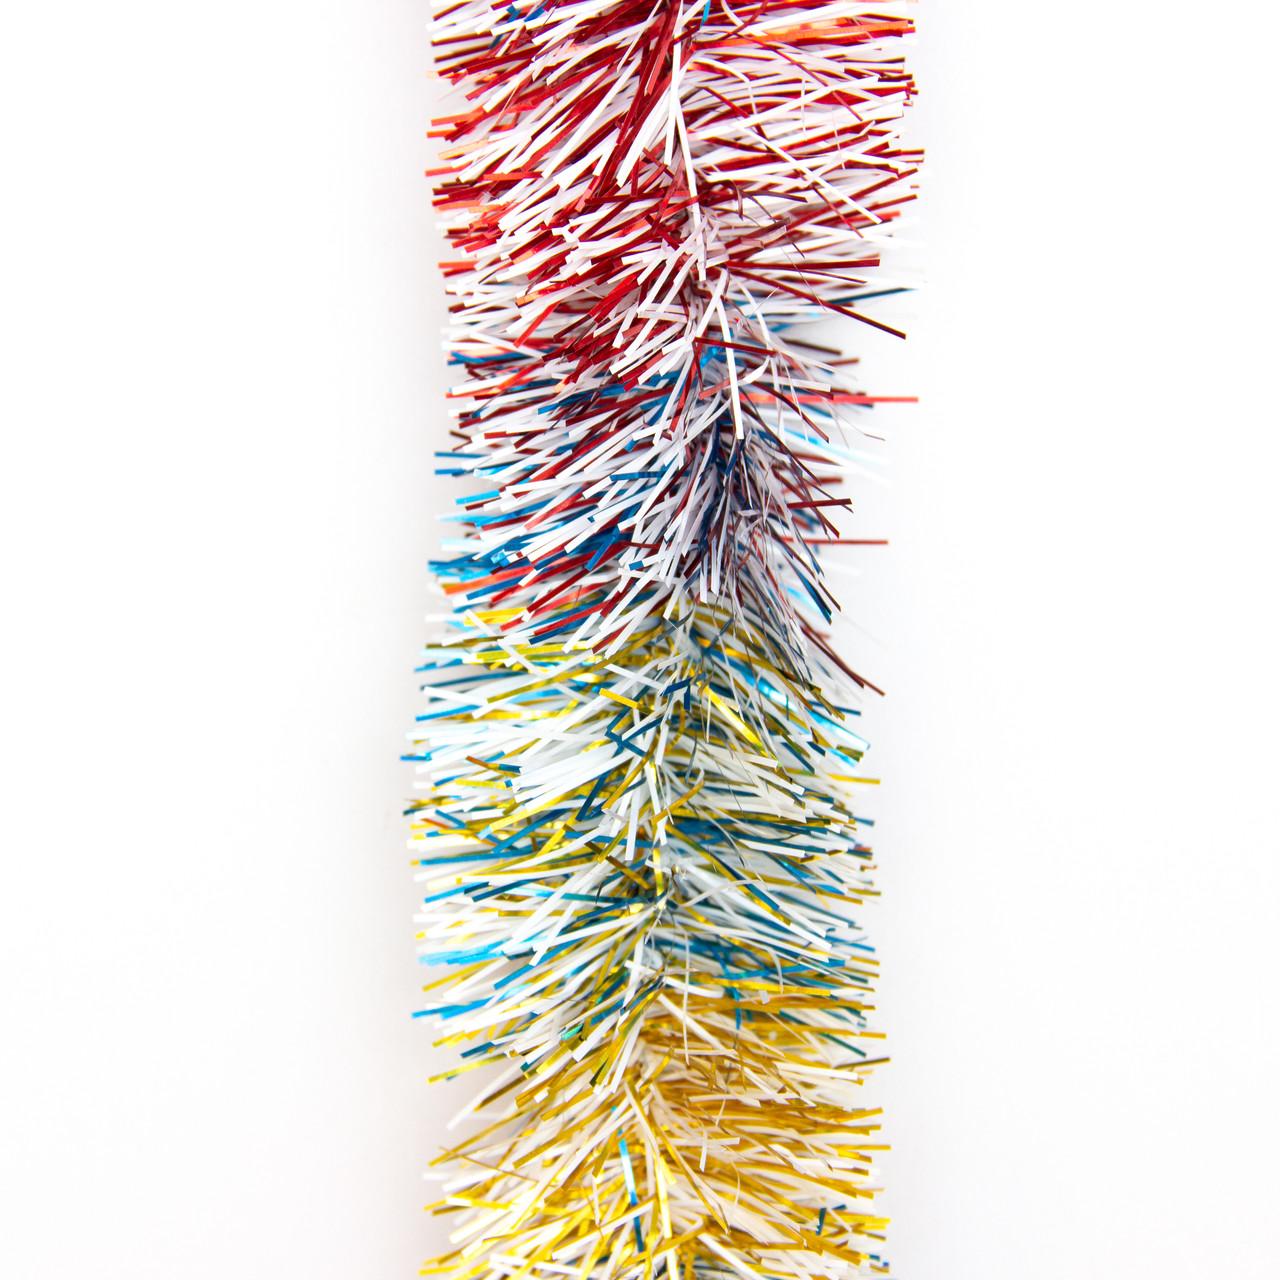 Новогоднее украшение - мишура, 200*5 см, ПВХ, золото-белый-синий-красный (ГРП-50/2-3)